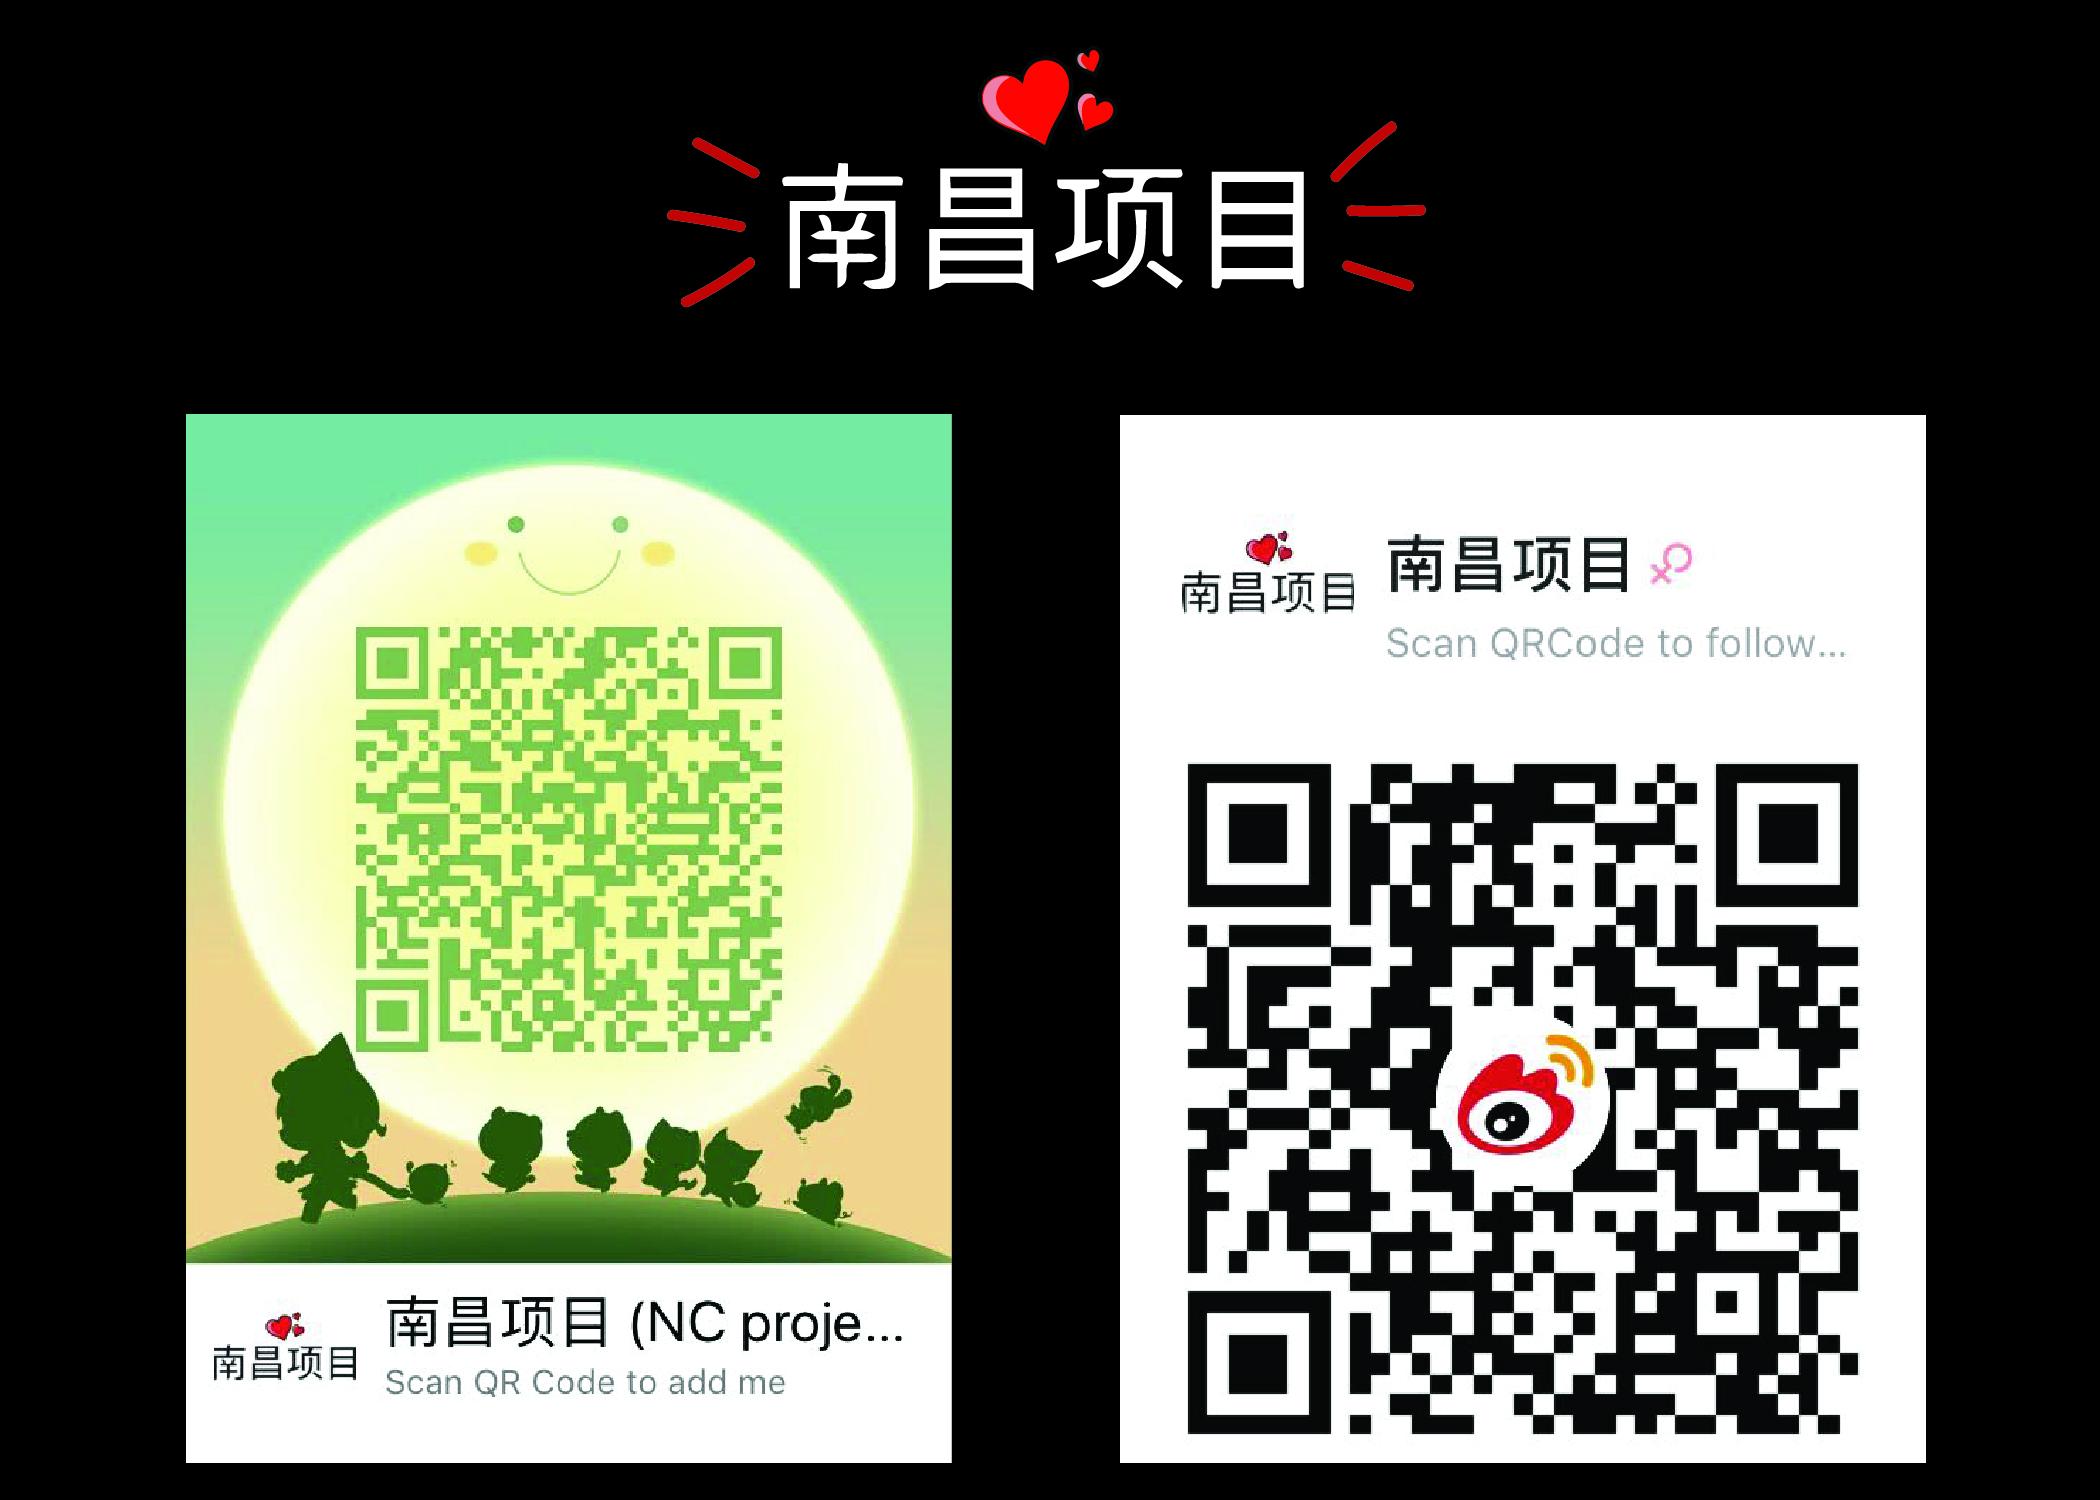 NanchangProjectQRcodes-01.jpg